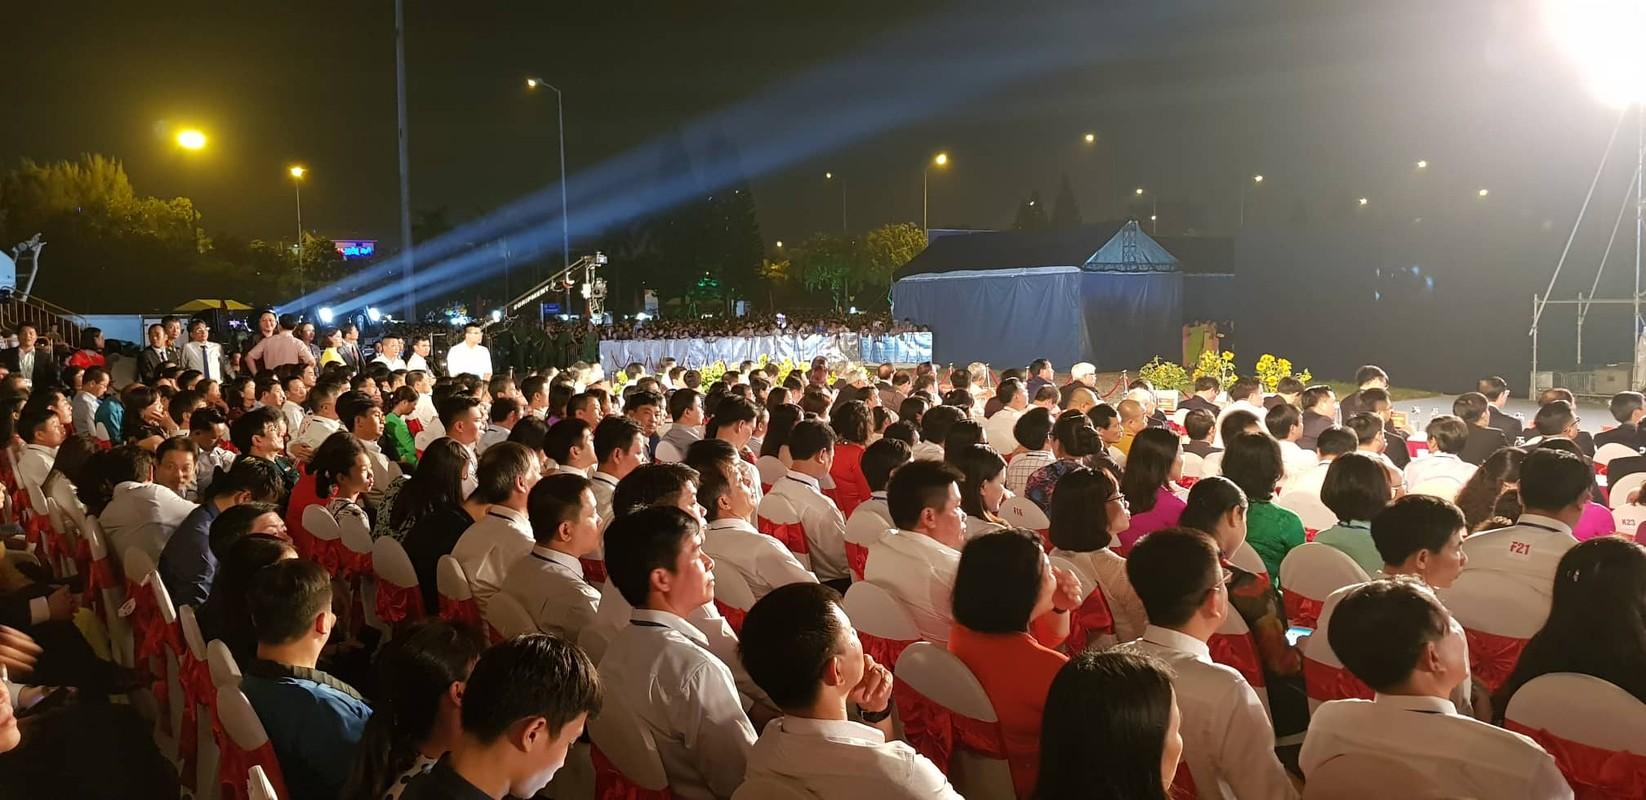 Hang van nguoi du le cong bo quyet dinh TP Hai Duong dat tieu chi do thi loai I-Hinh-10